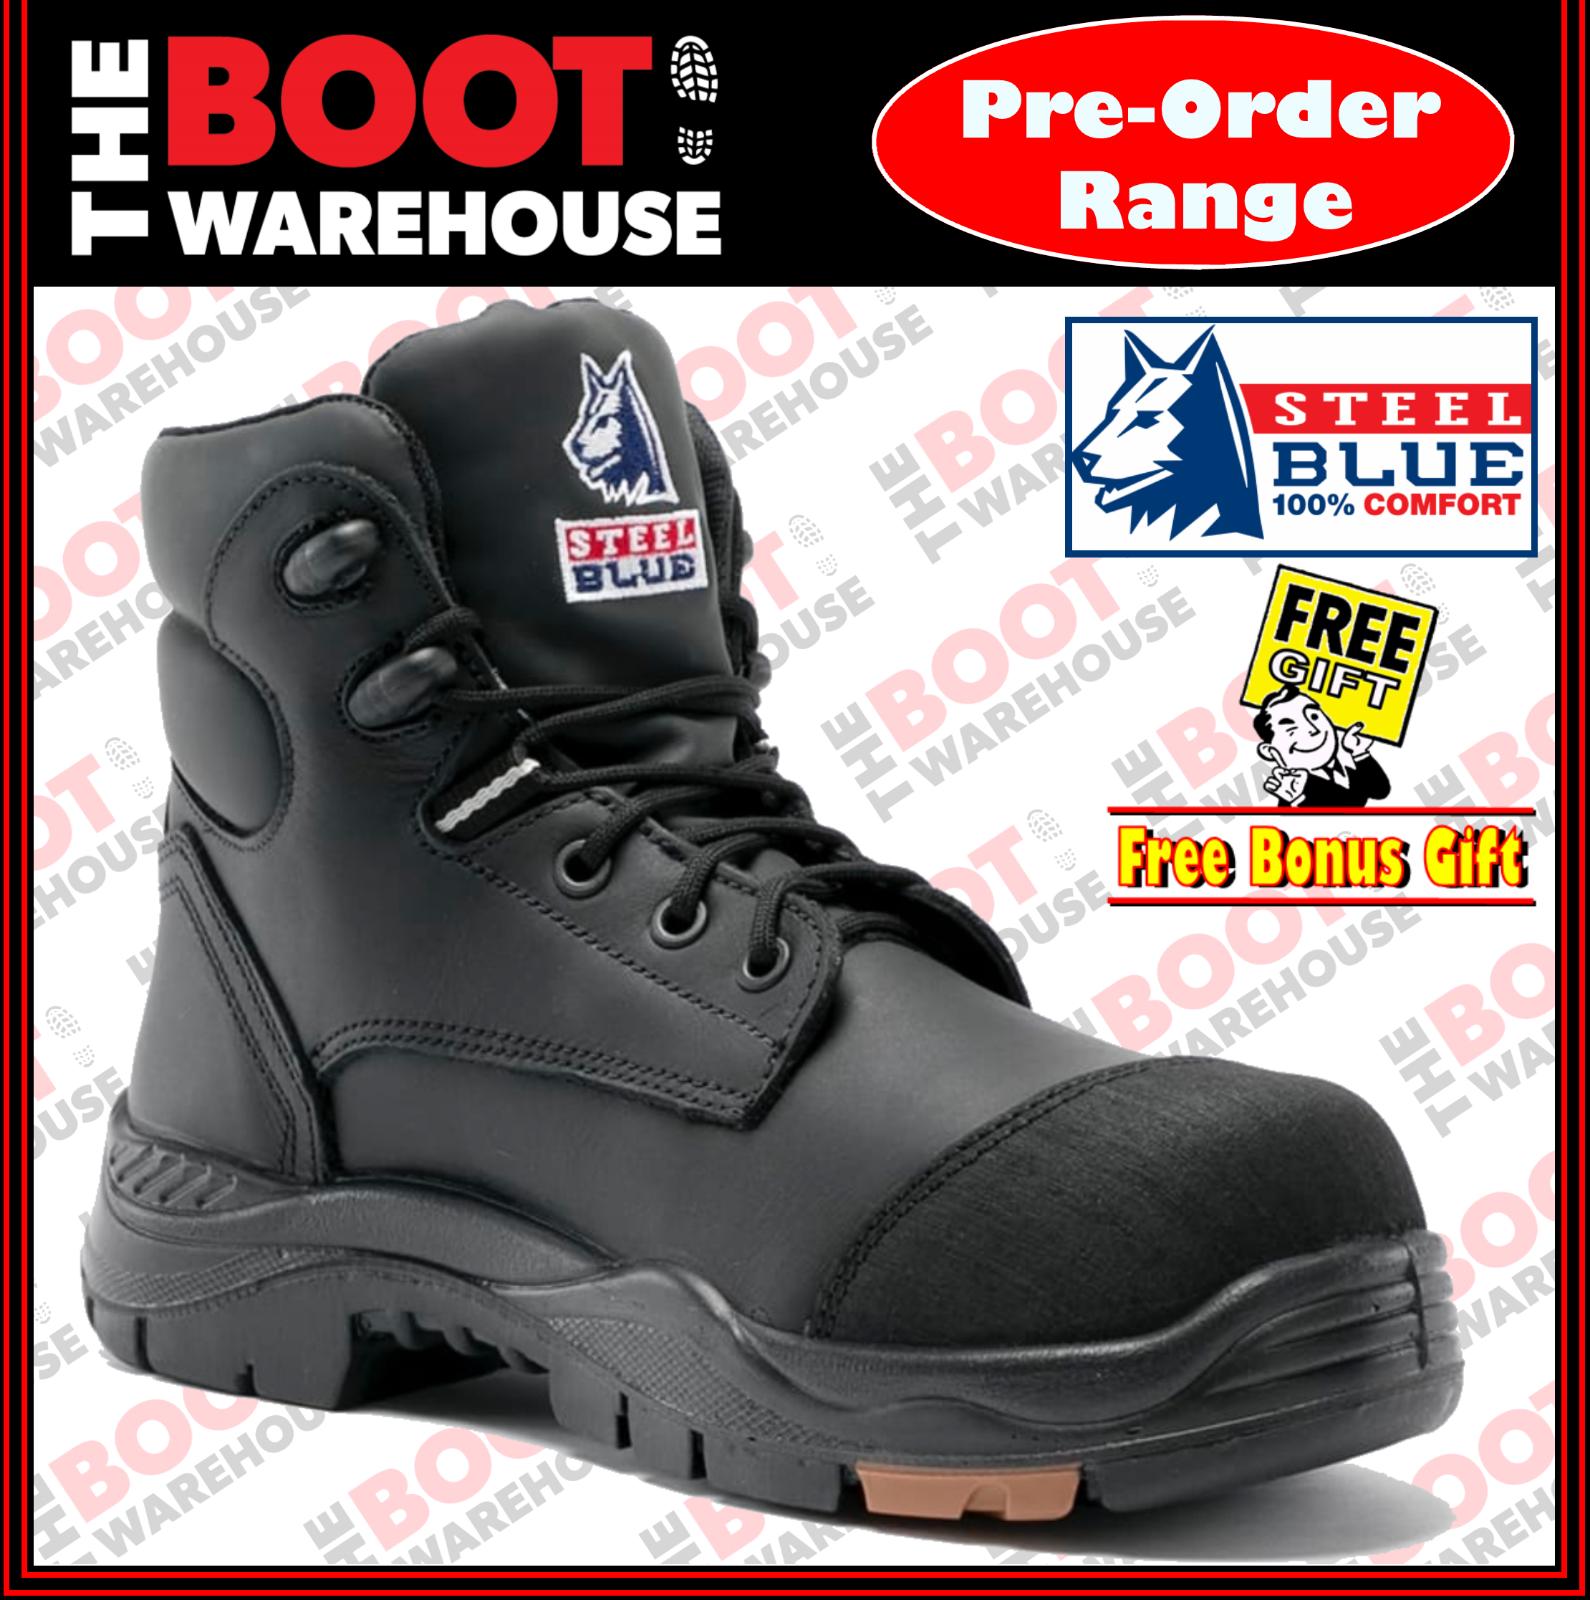 alta qualità genuina Steel blu 'CANBERRA' 617512 Work stivali. stivali. stivali. nero Composite Toe Cap Safety Bump Cap  si affrettò a vedere